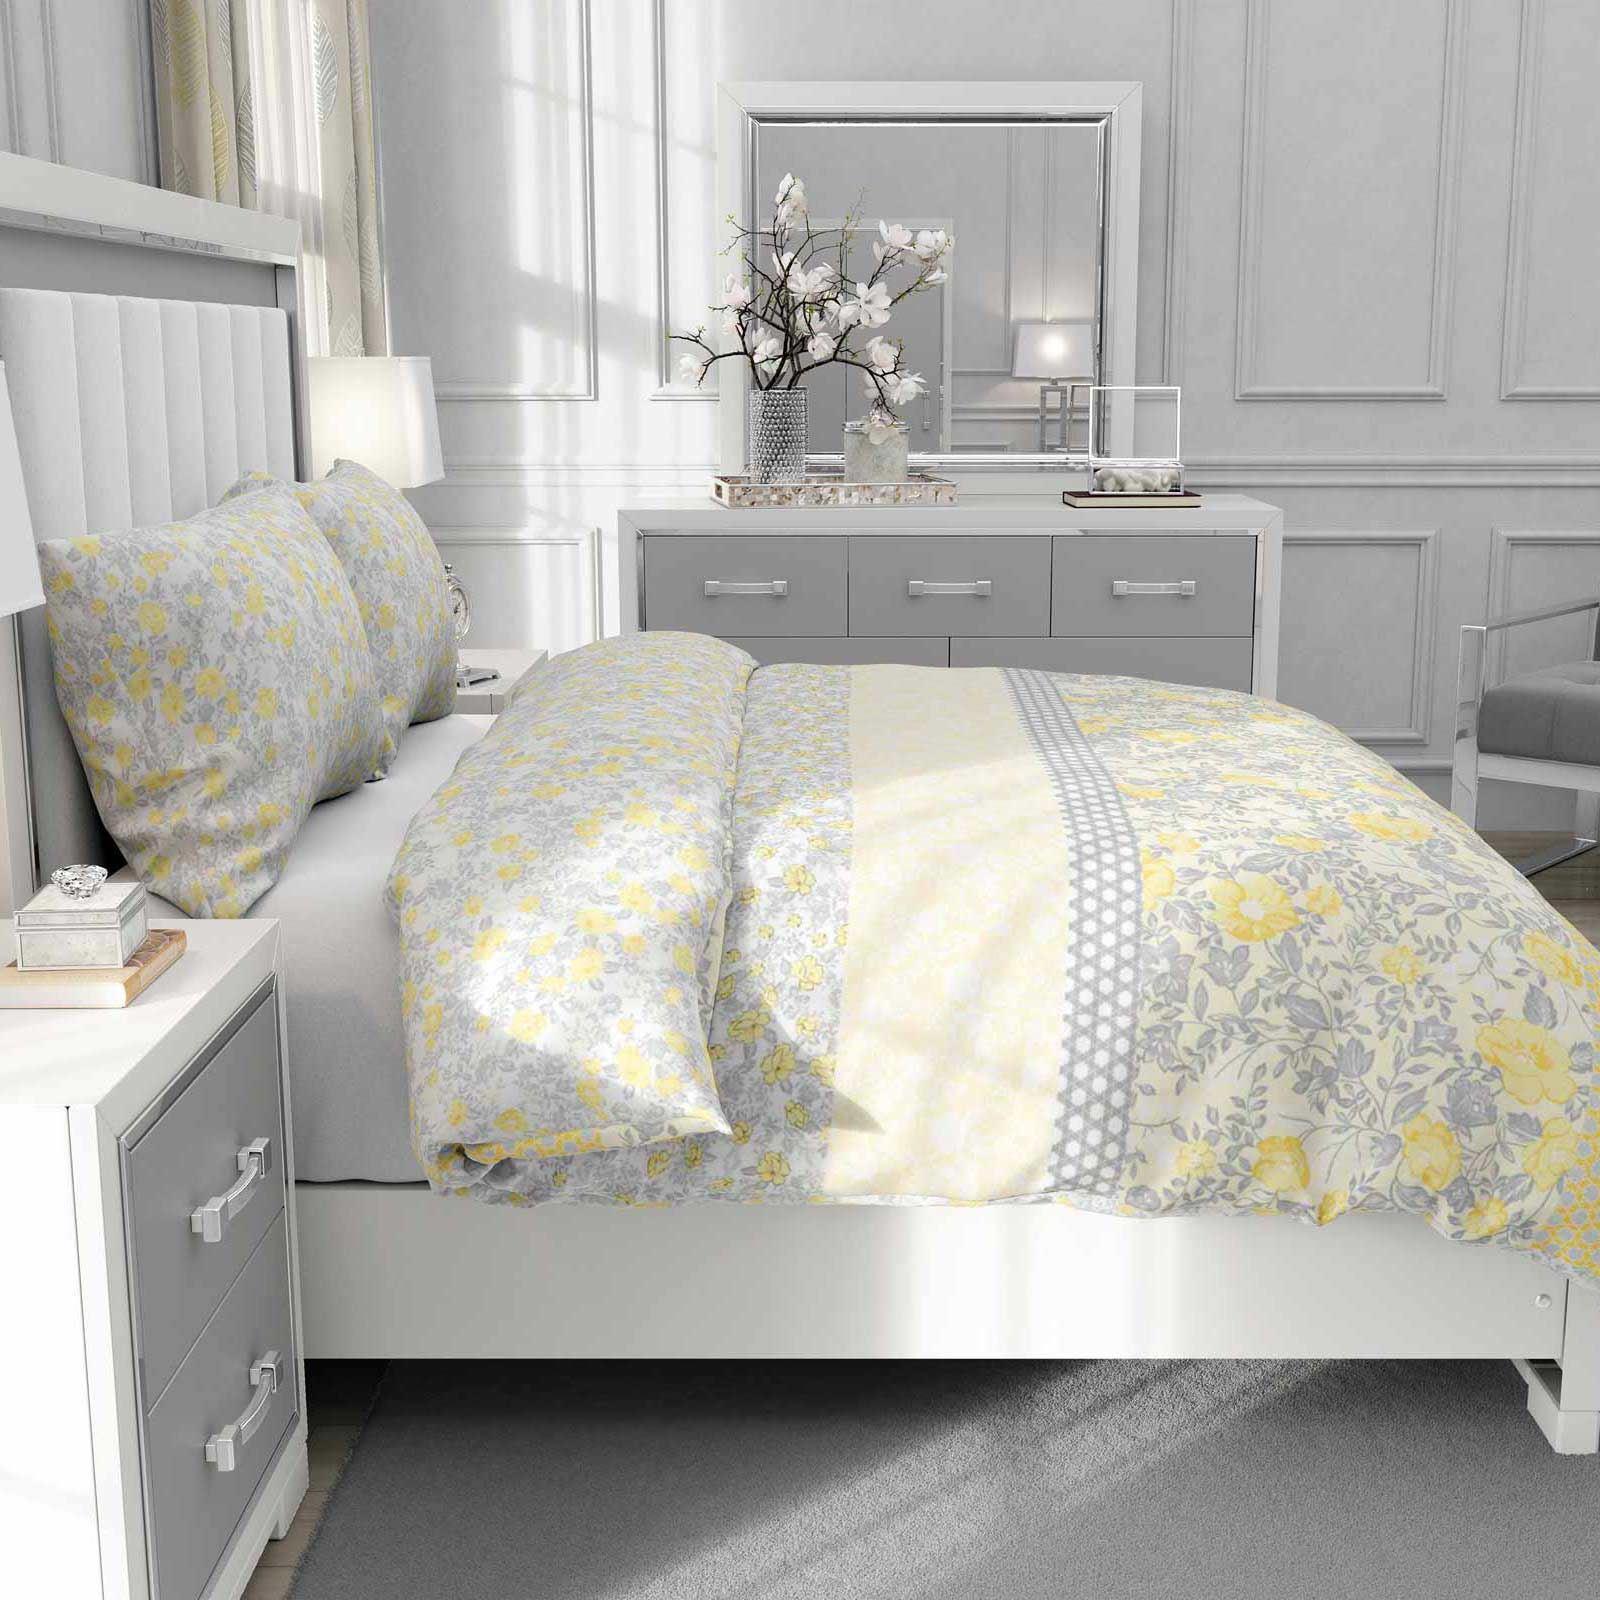 Mostaza-amarillo-ocre-Funda-de-edredon-impreso-Edredon-juego-ropa-de-cama-cubre-conjuntos miniatura 20